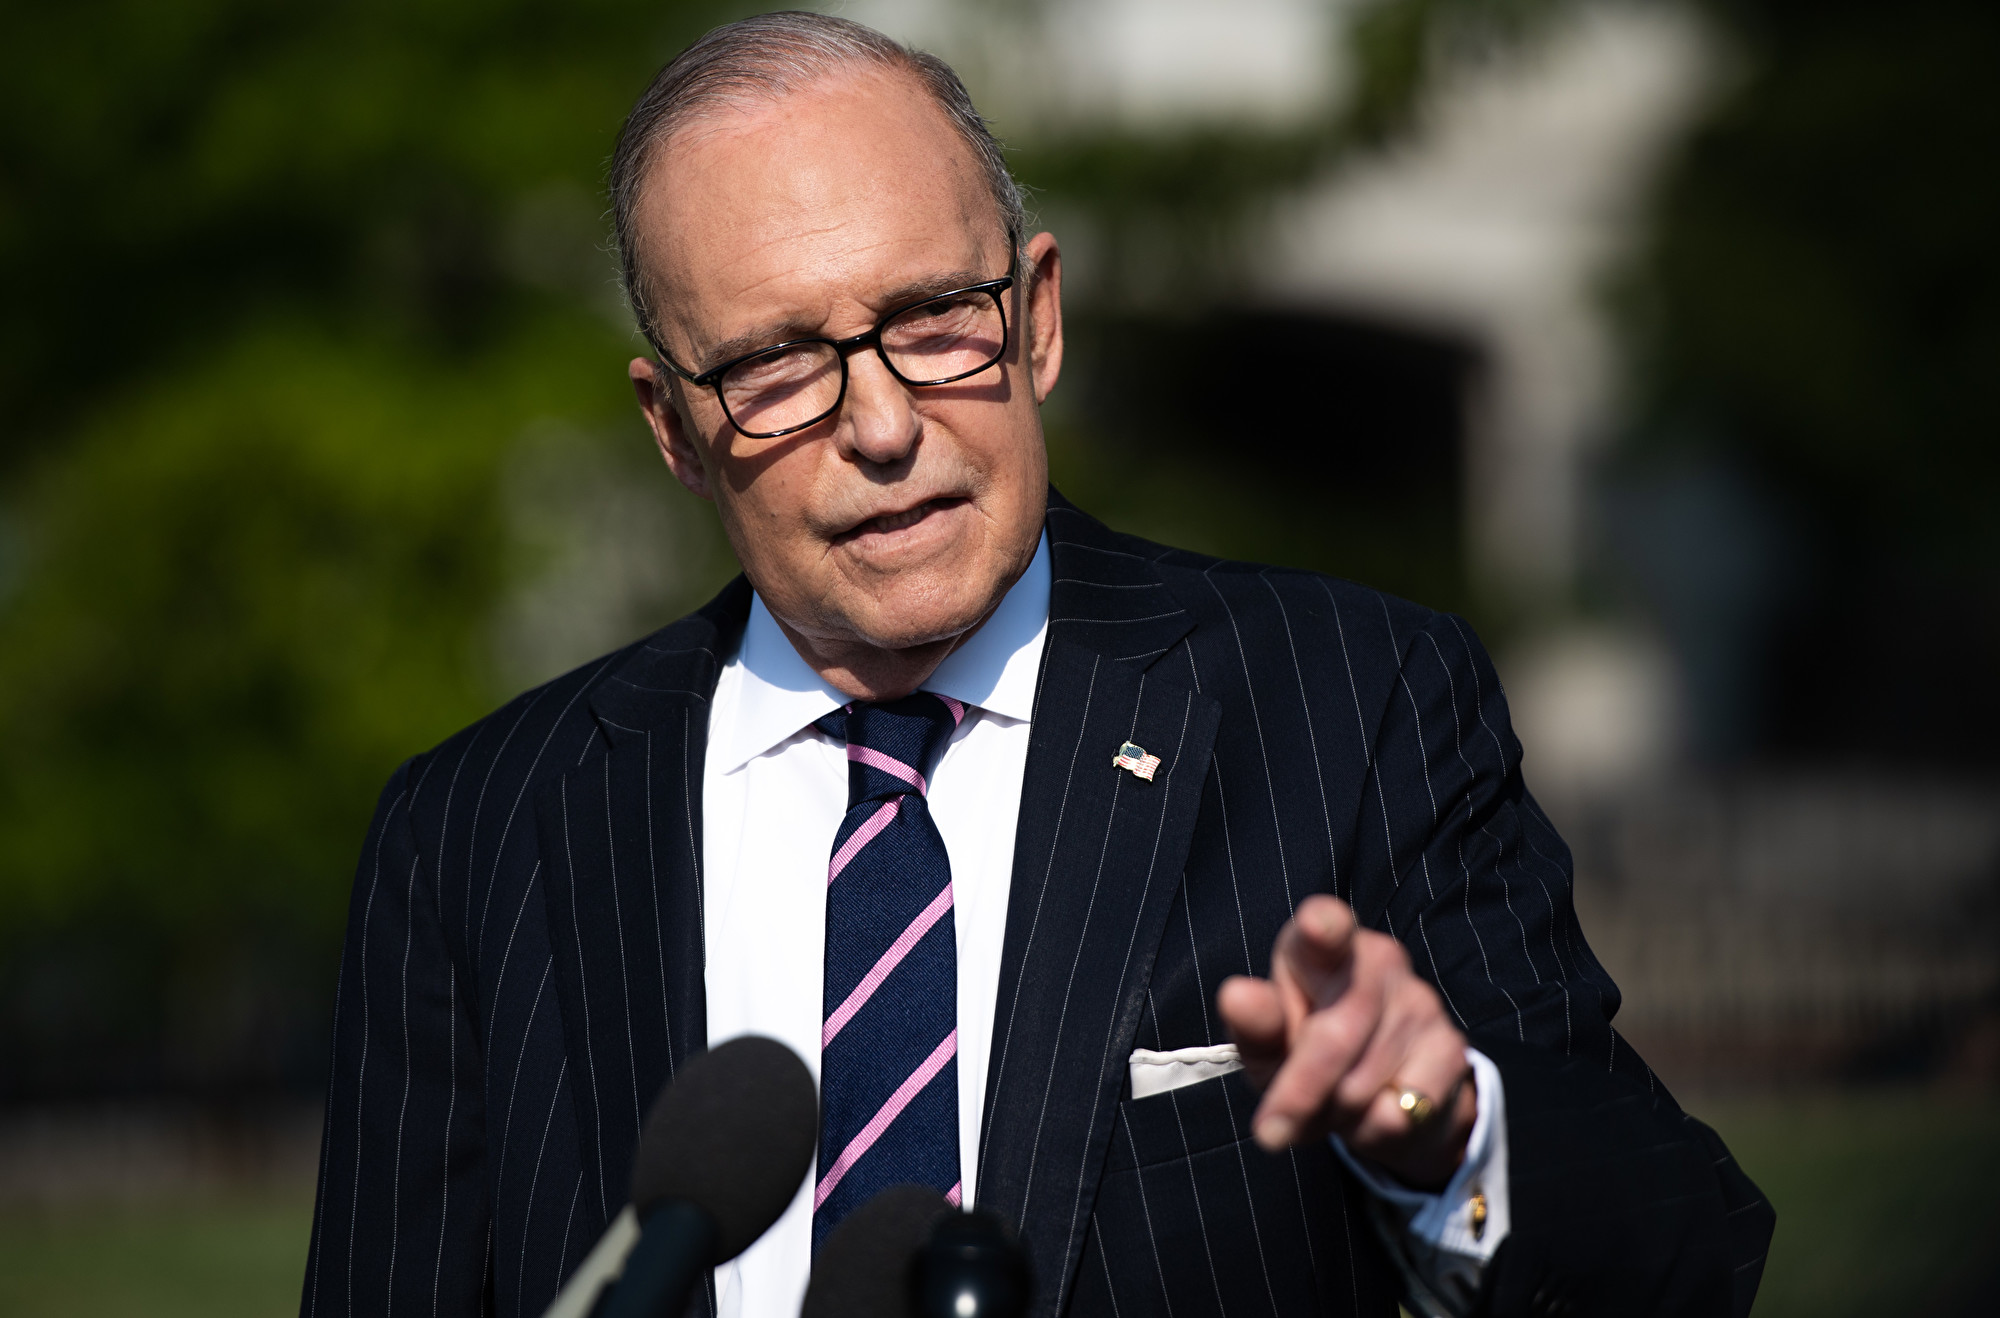 美國國家經濟委員會主任庫德洛2020年2月13日在白宮對記者說:「我們(原本)認為中國(中共)有更好的透明度,但事實看起來並非如此。」(SAUL LOEB/AFP)